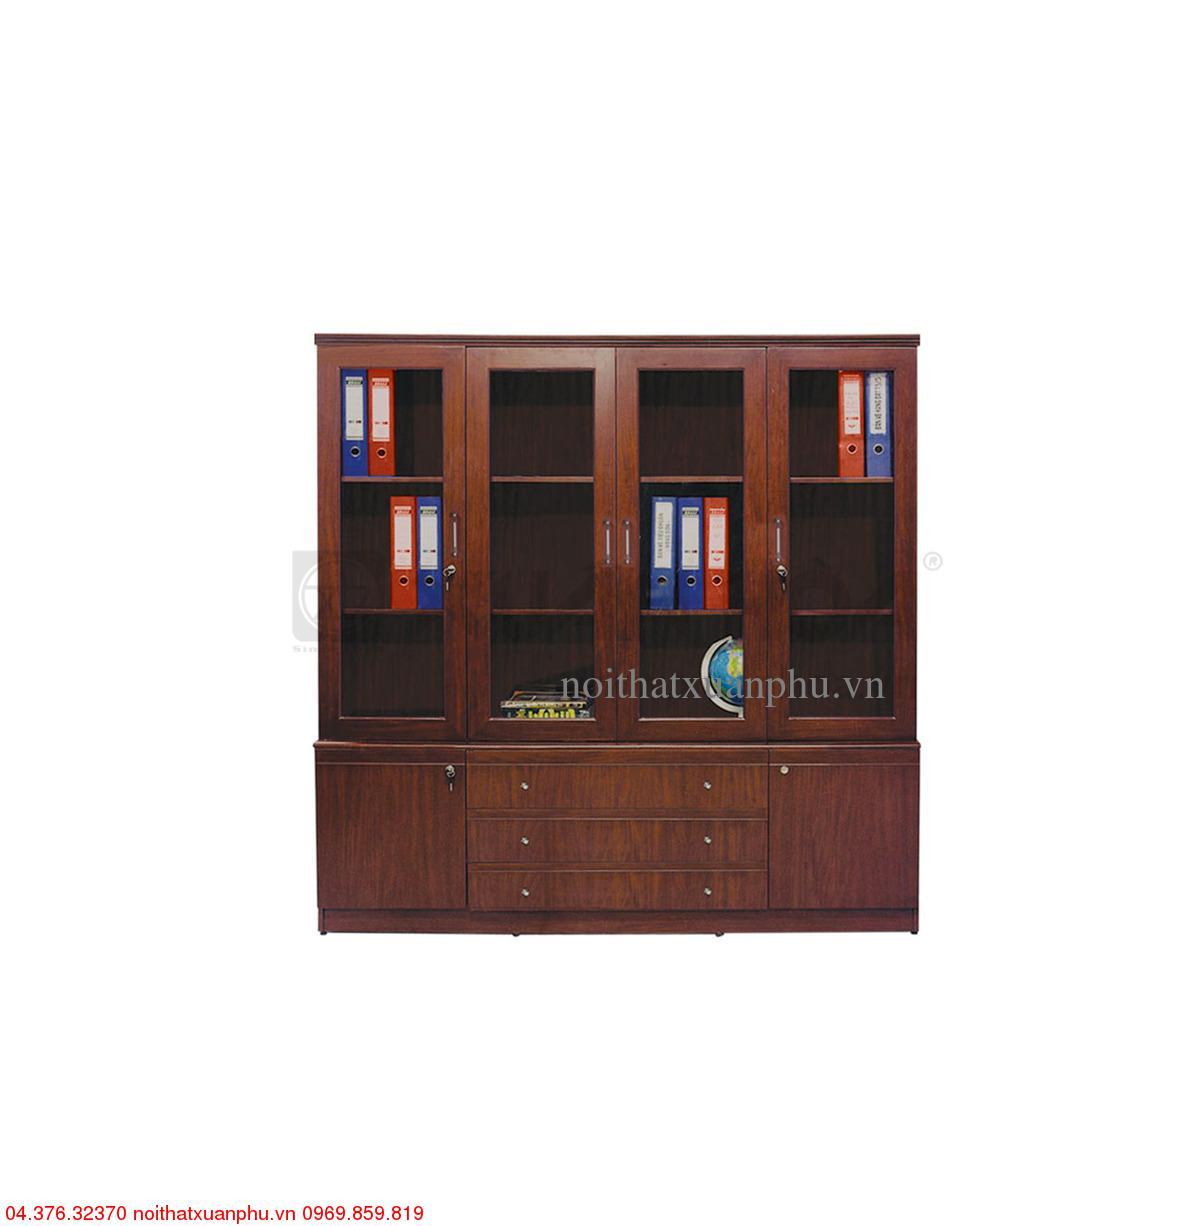 Hình ảnh sản phẩm Tủ gỗ sơn TGD-08-00-PU